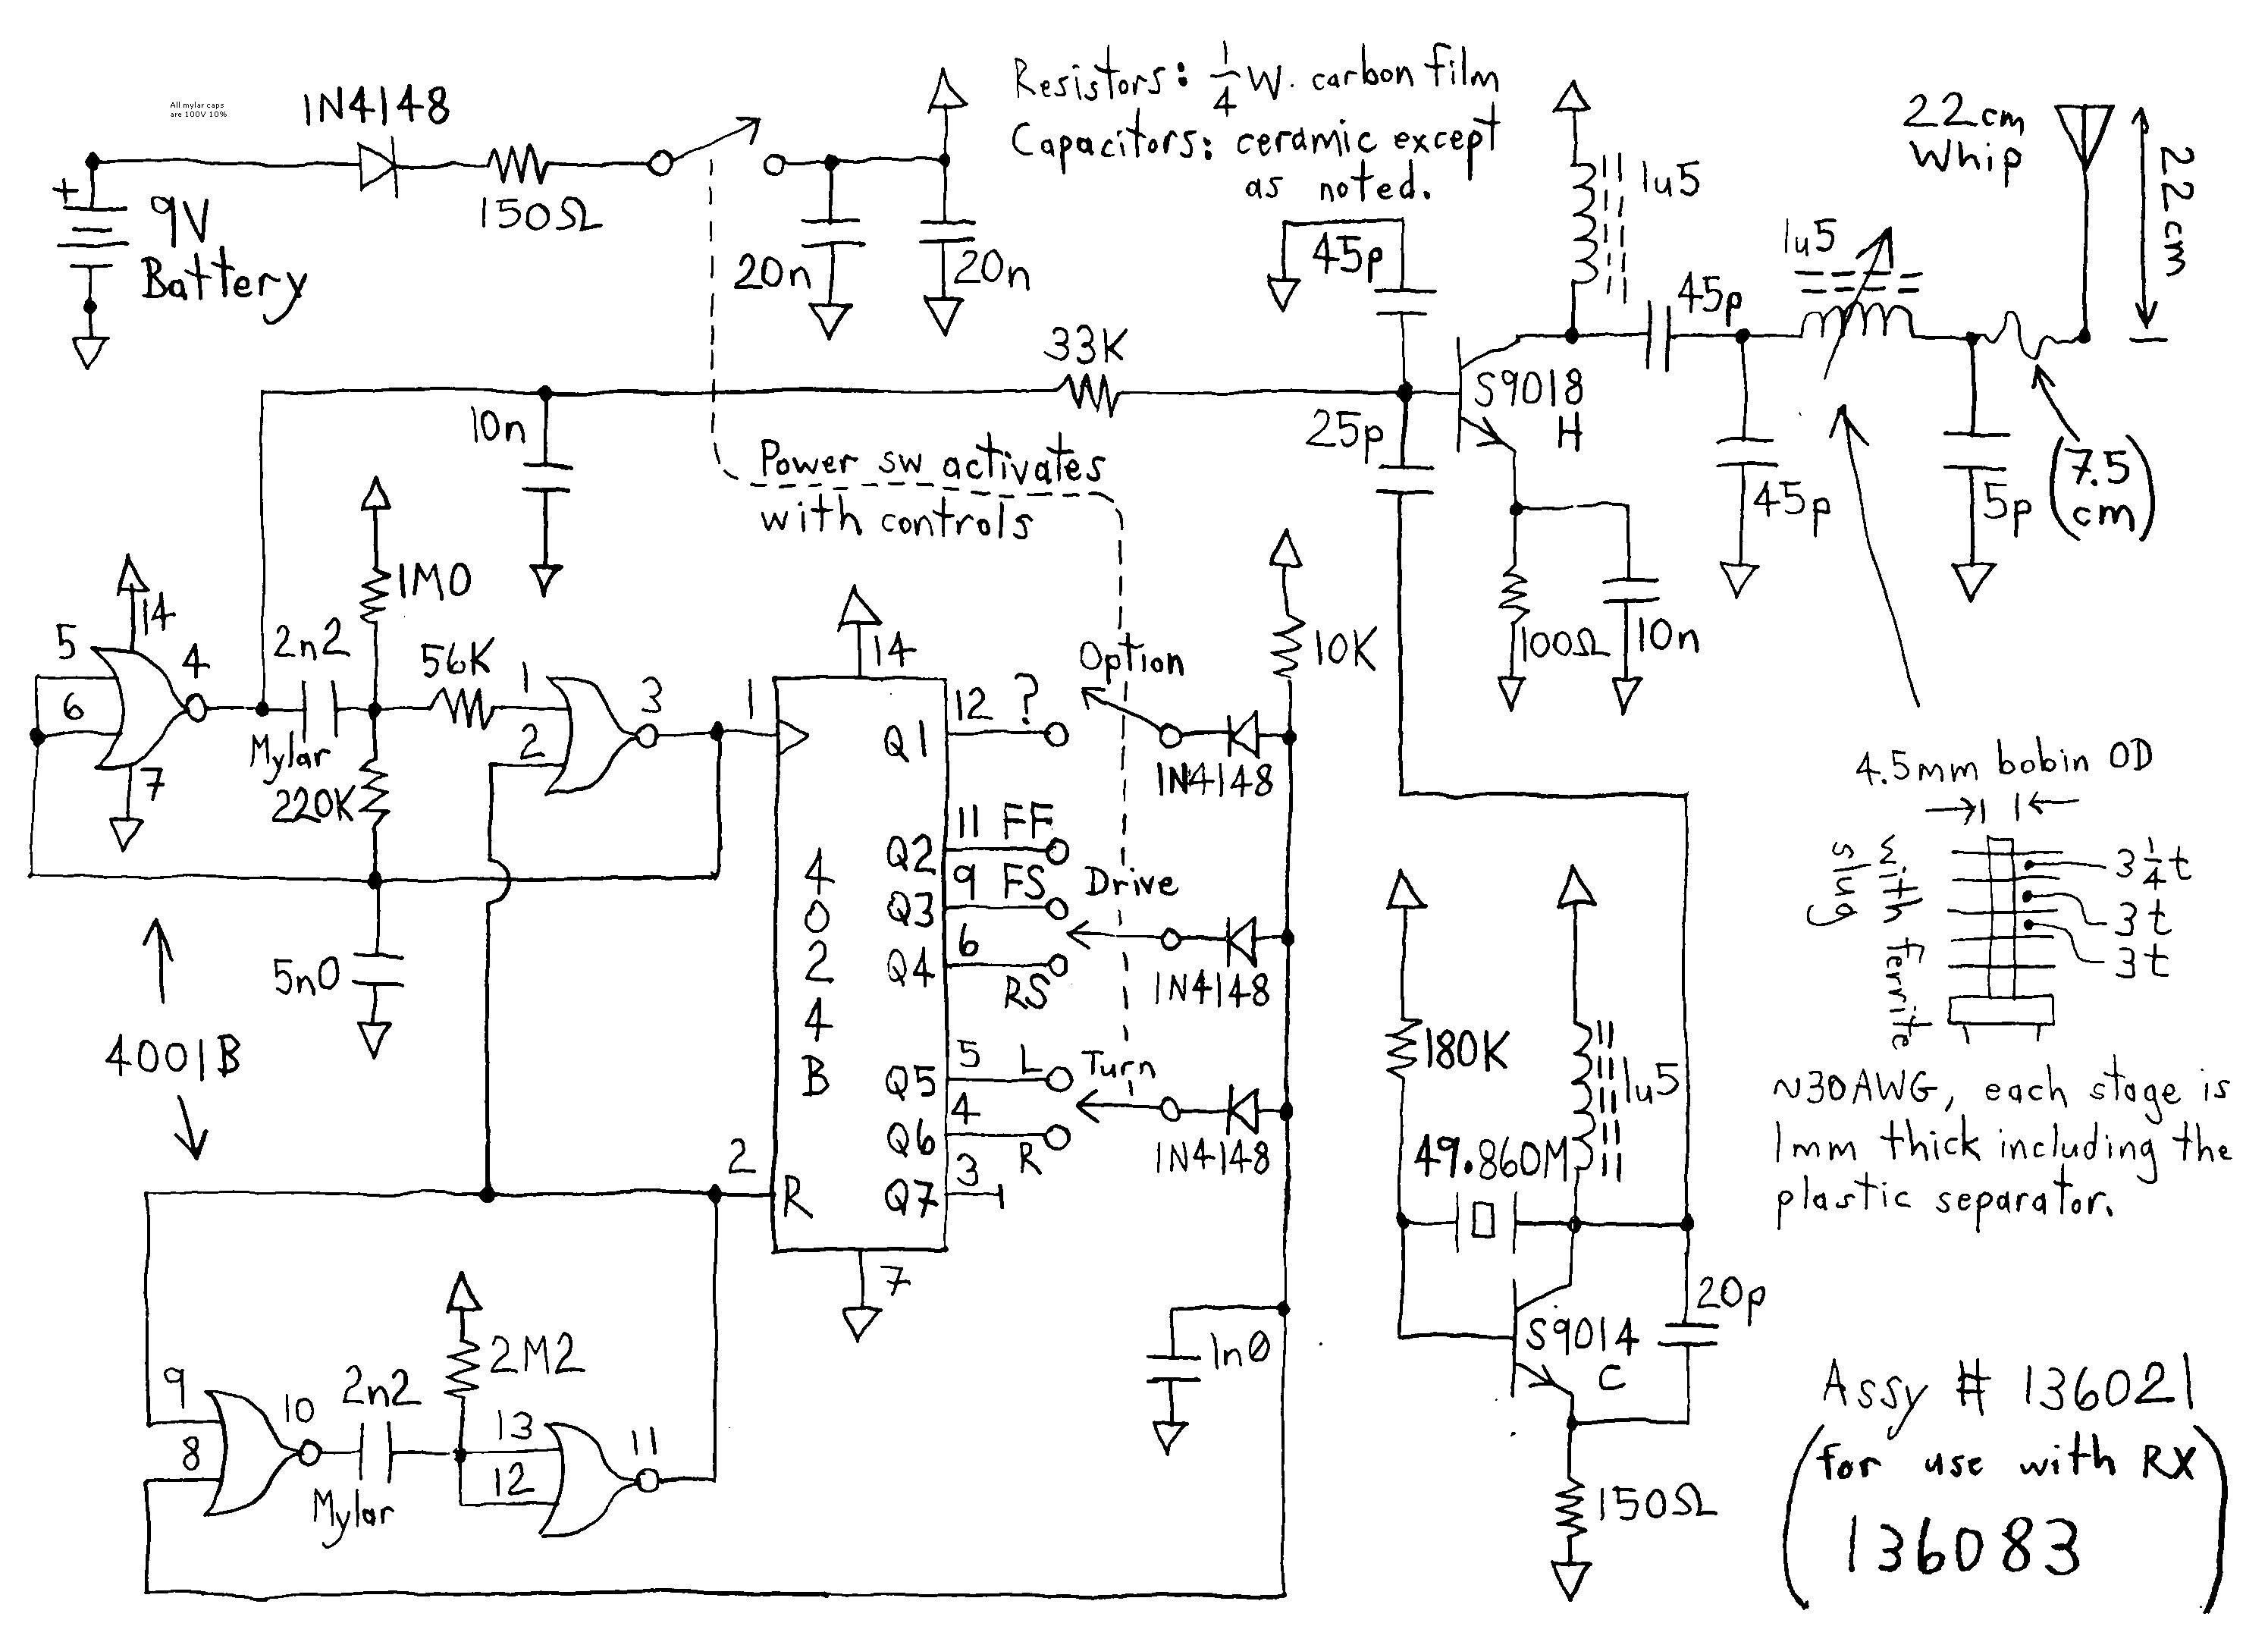 4 Wire Trailer Diagram 4 Way Trailer Wiring Diagram Unique 5 Wire Trailer Plug Diagram Rate Of 4 Wire Trailer Diagram Xf Alternator Wiring Diagram